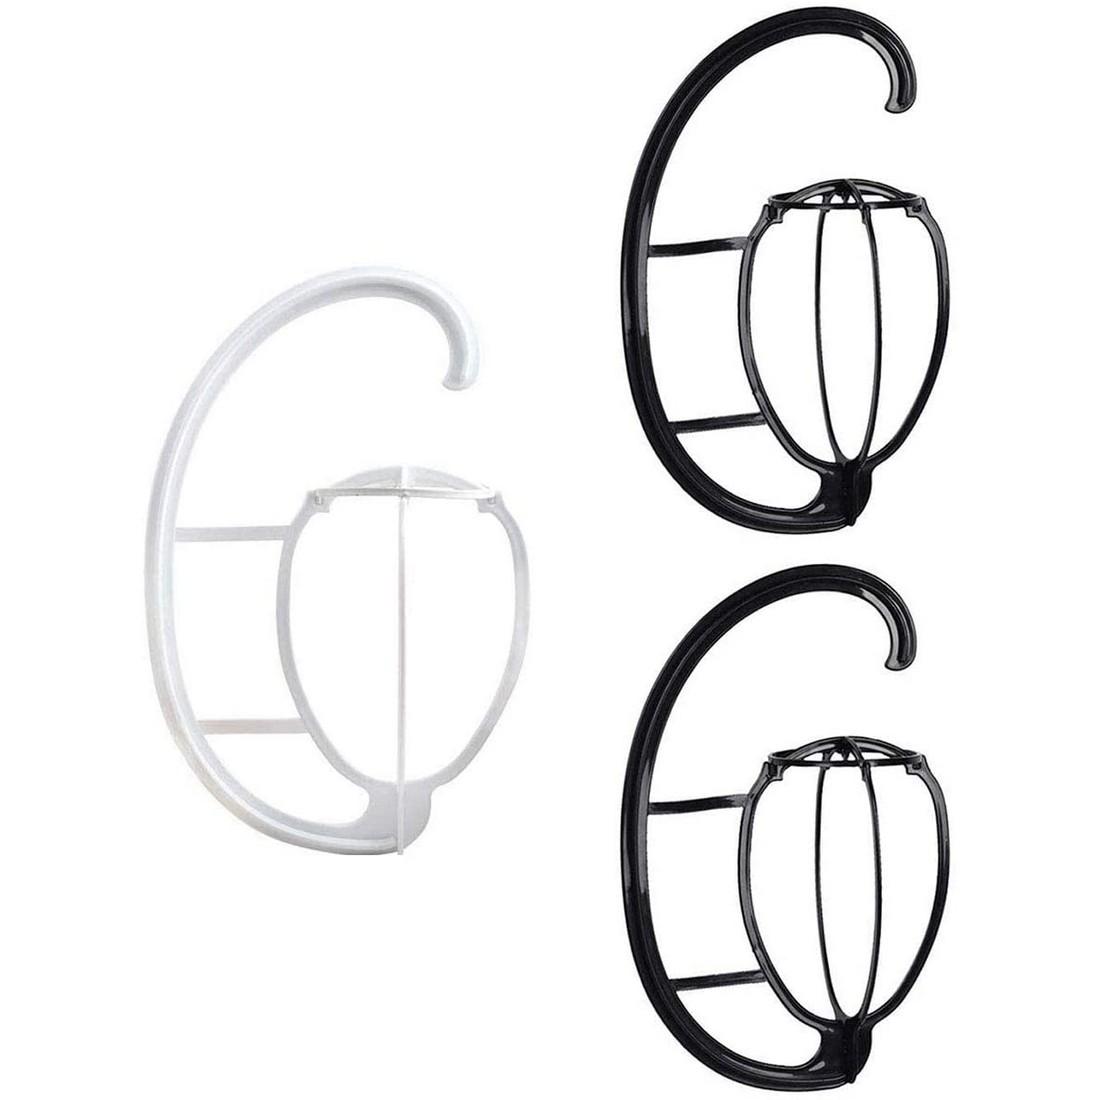 ウィッグスタンド 組み立て式 3個セット ウィッグハンガー 型崩れ防止 帽子スタンド 安定性よい ウィッグ乾燥用 贈答 携帯用 軽量 期間限定特価品 カビにくい